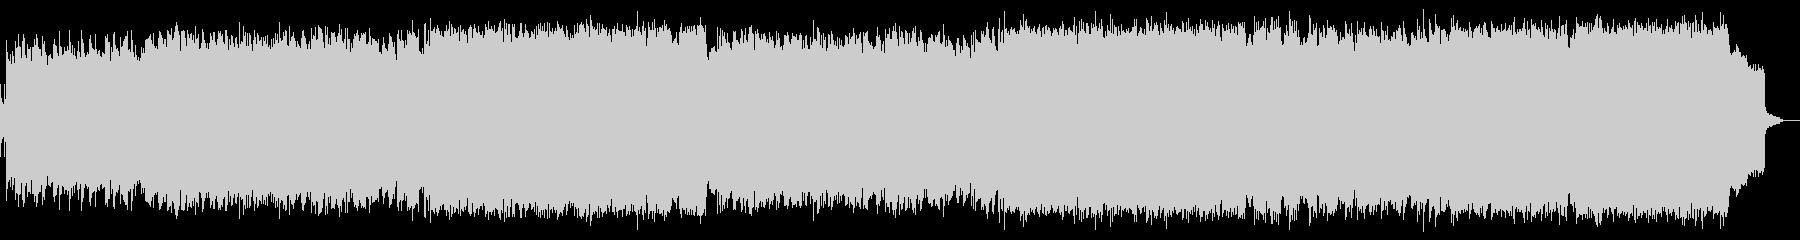 ピアノと管楽器によるほっこりジャズワルツの未再生の波形